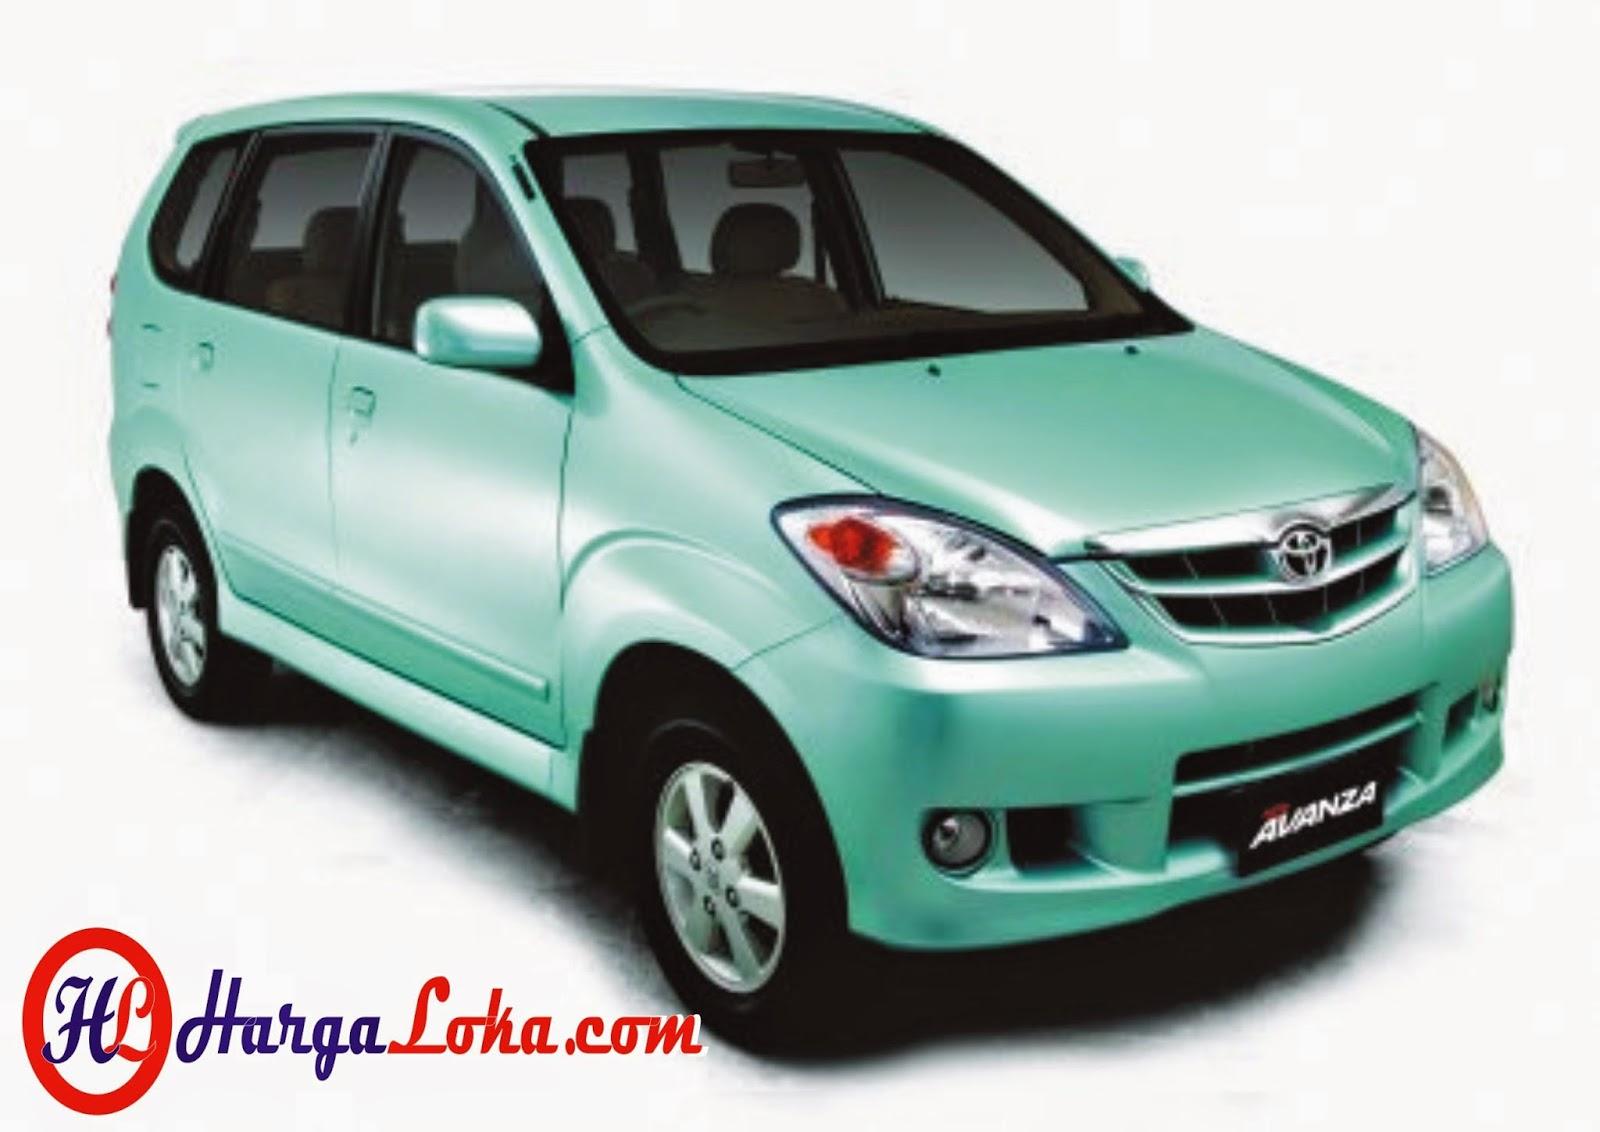 Harga Mobil Toyota Avanza Baru dan Bekas 2020 HARGALOKA